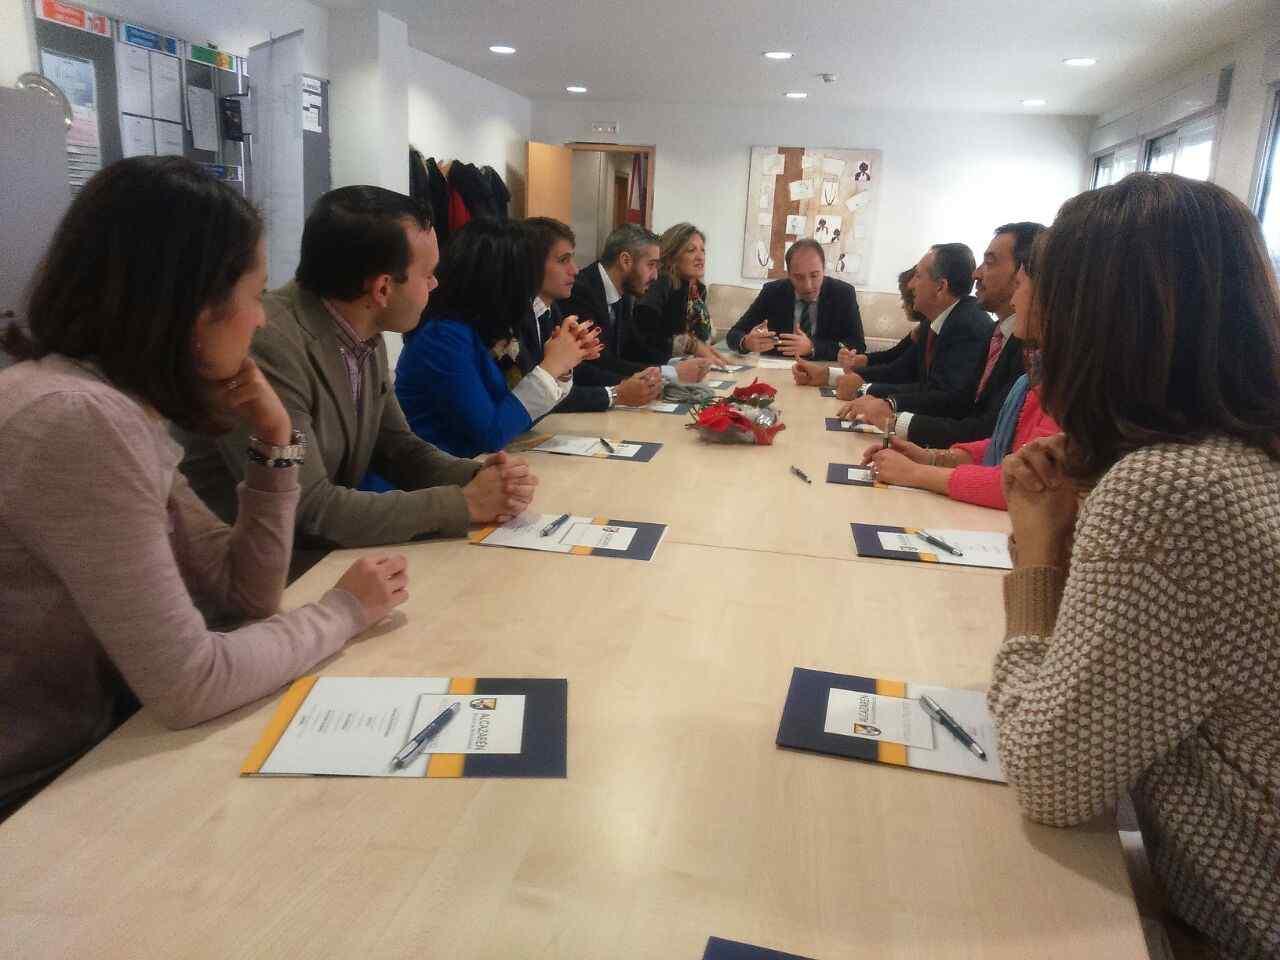 Convenio de trabajo con Hoteles de Valladolid en la Escuela Alcazarén